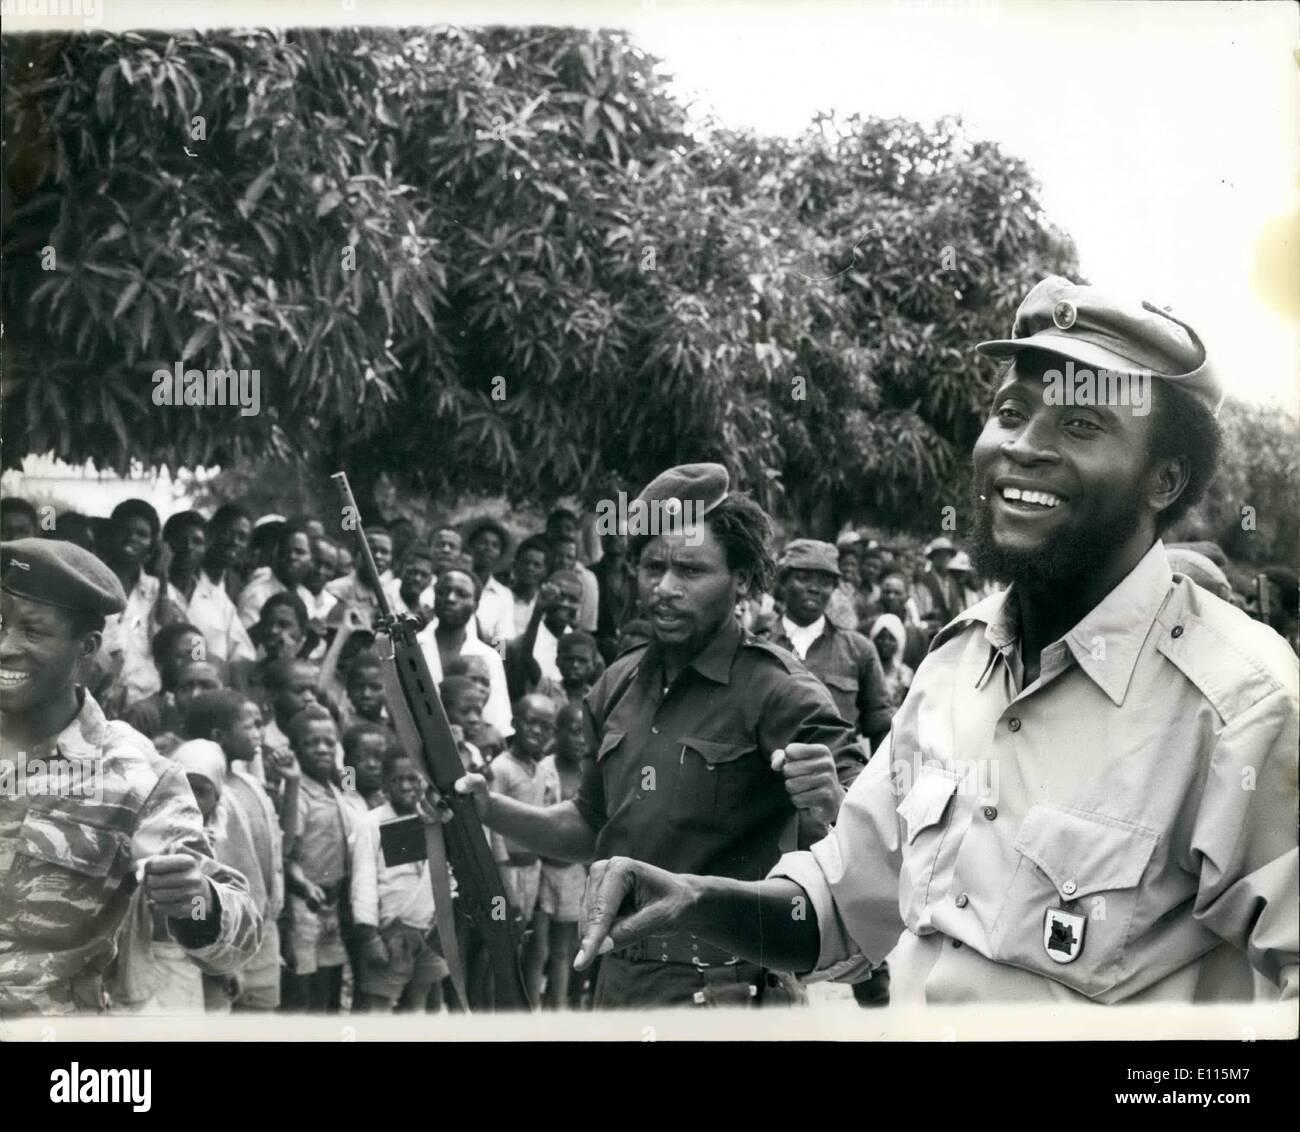 01 janvier 1976 - La ligne de défense de l'Unita brisé: Le peuple cubain-M.P.L.A. led Angelan le revendications des forces canadiennes ont brisé par une défense de l'UNITA et a ouvert la route de 100 milles au sud de mettre en danger le capital politique de l'Unita de Huambo. Photo montre: le Colonel Samuel Chiwale. Commandant en chef des Forces armées de l'Unita vu bénéficiant d'une blague avec certains de ses troupes près de la ligne de front. Photo Stock